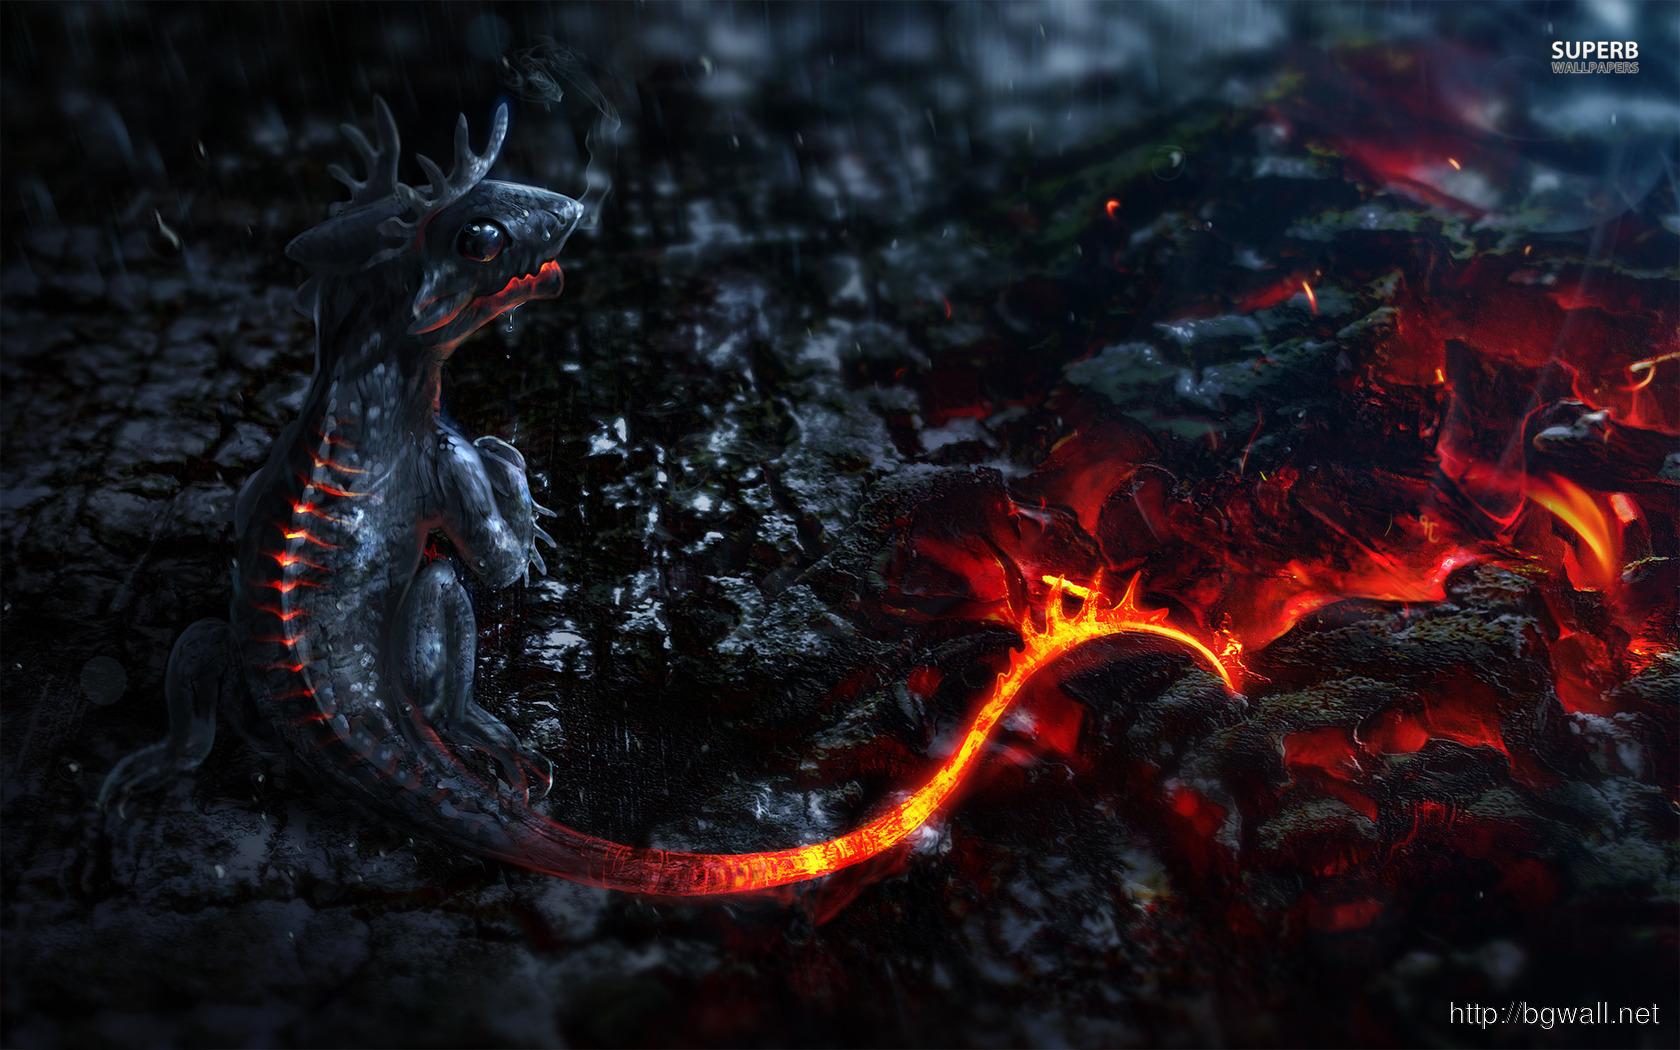 Lava Dragon Wallpaper Background HD